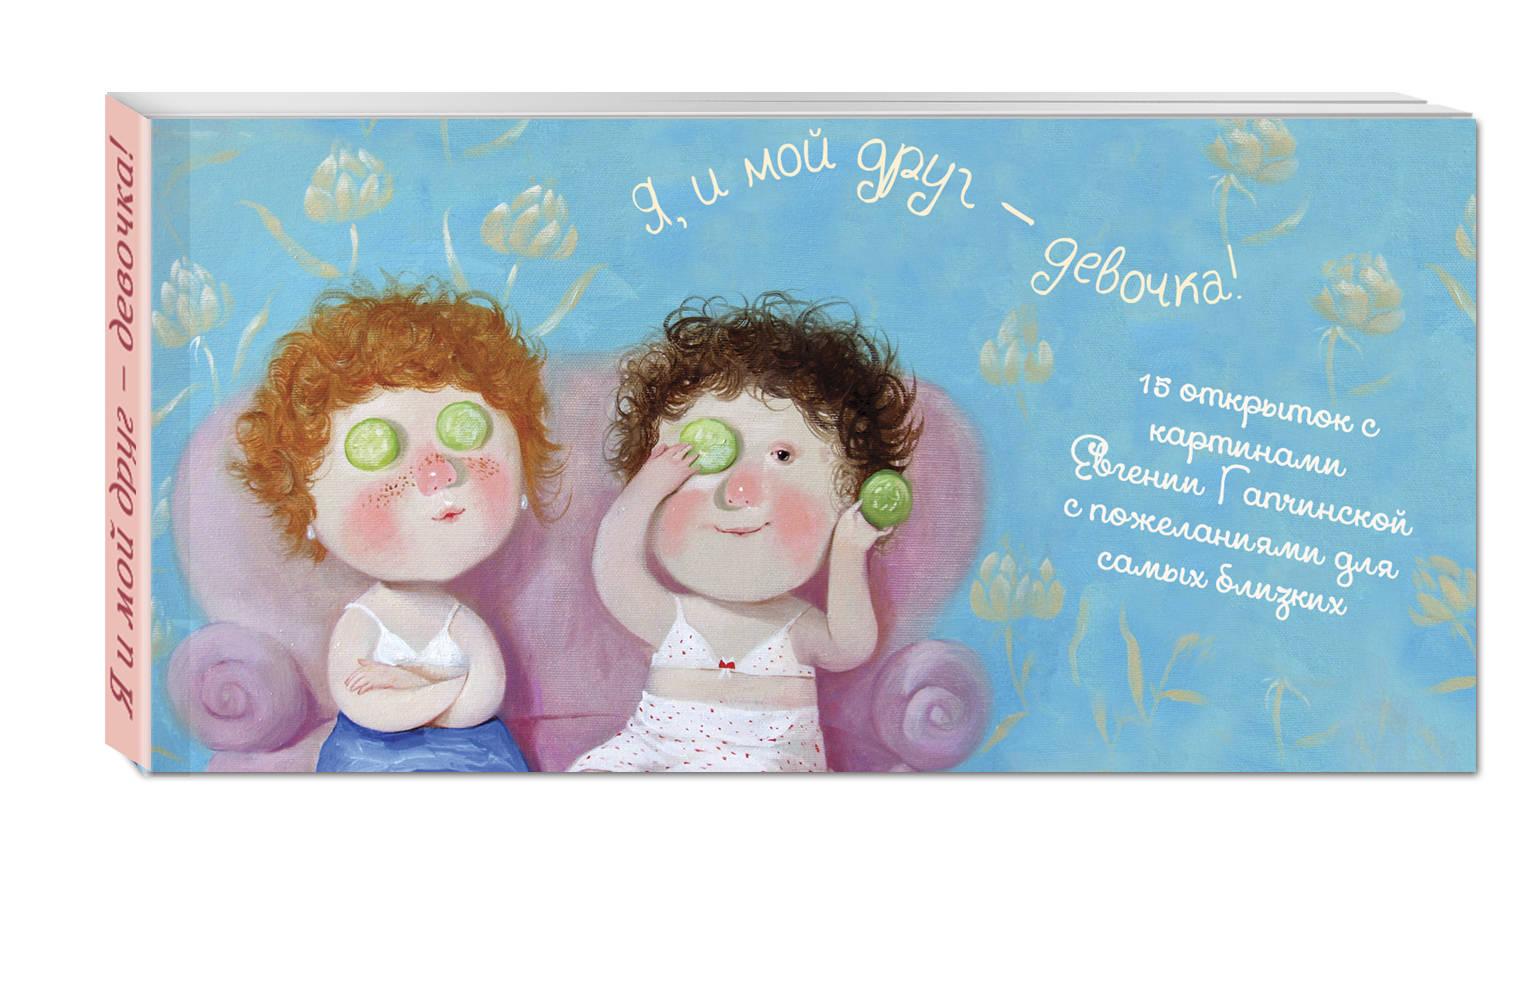 Гапчинская Е. 15 открыток на перфорации с картинами Евгении Гапчинской (Я и мой друг - девочка!)